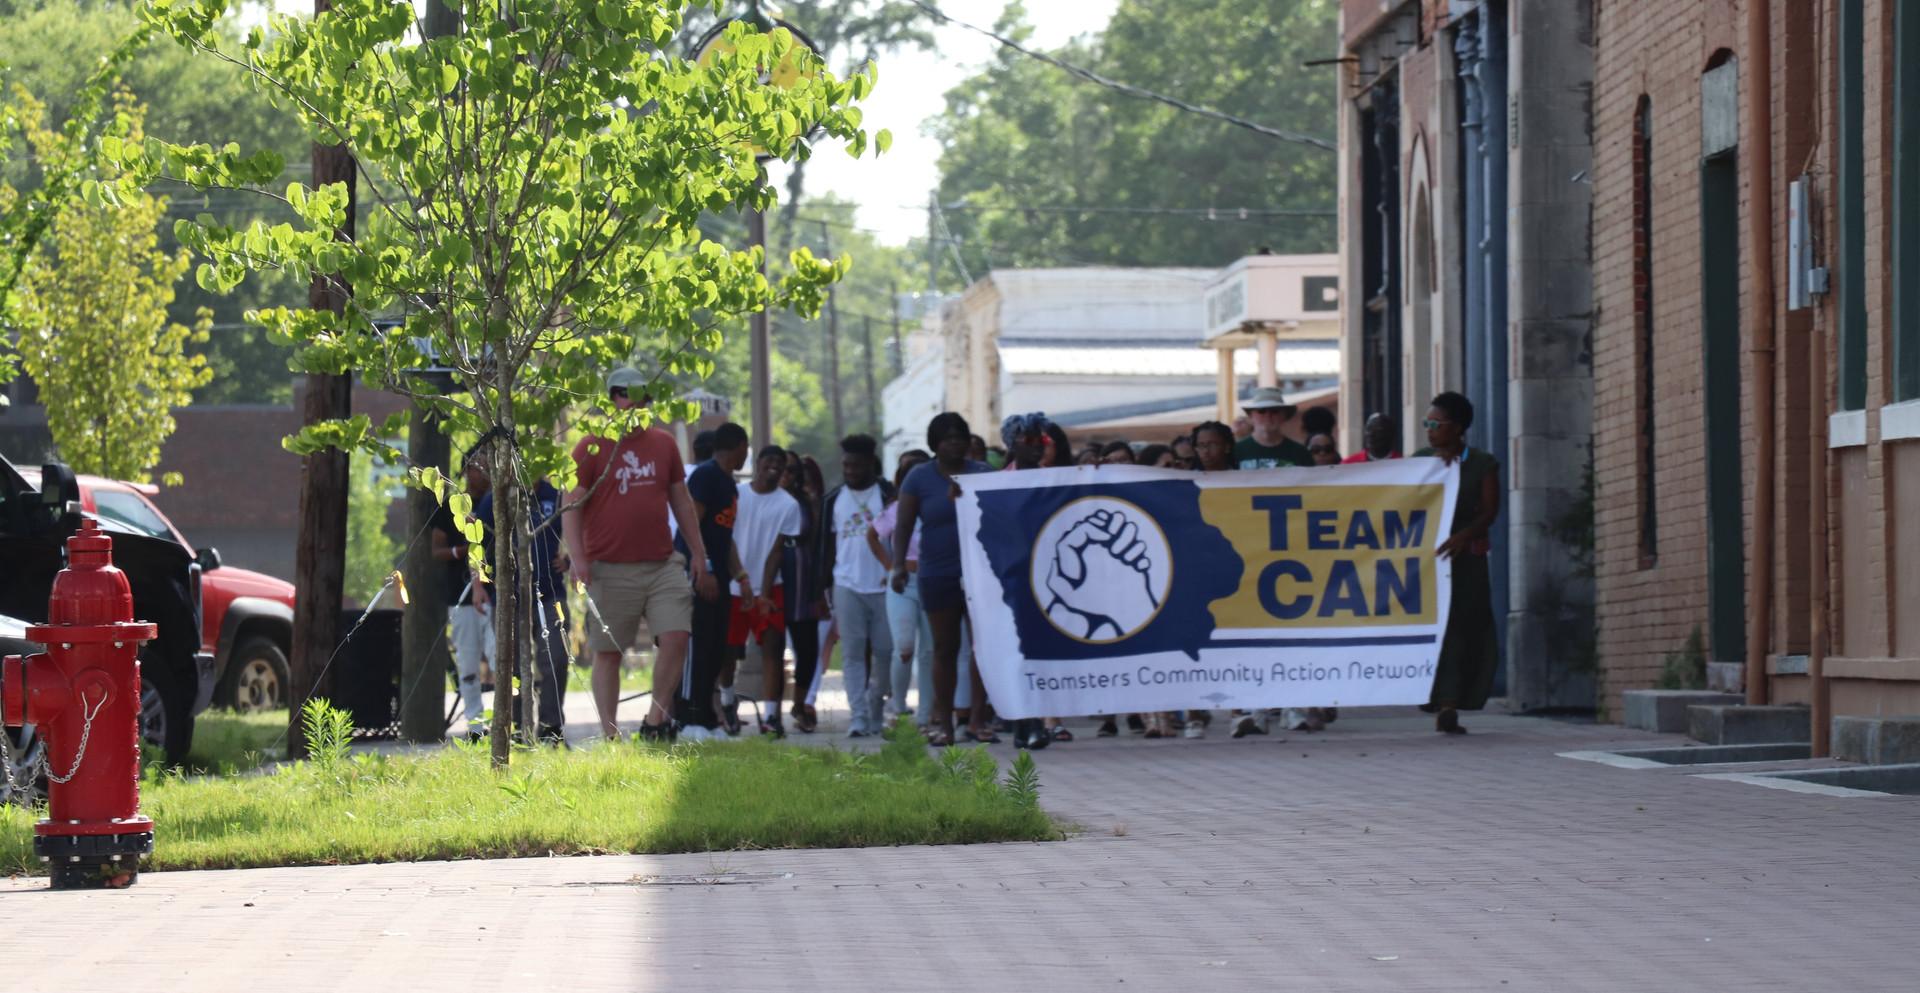 TeamCAN in Selma